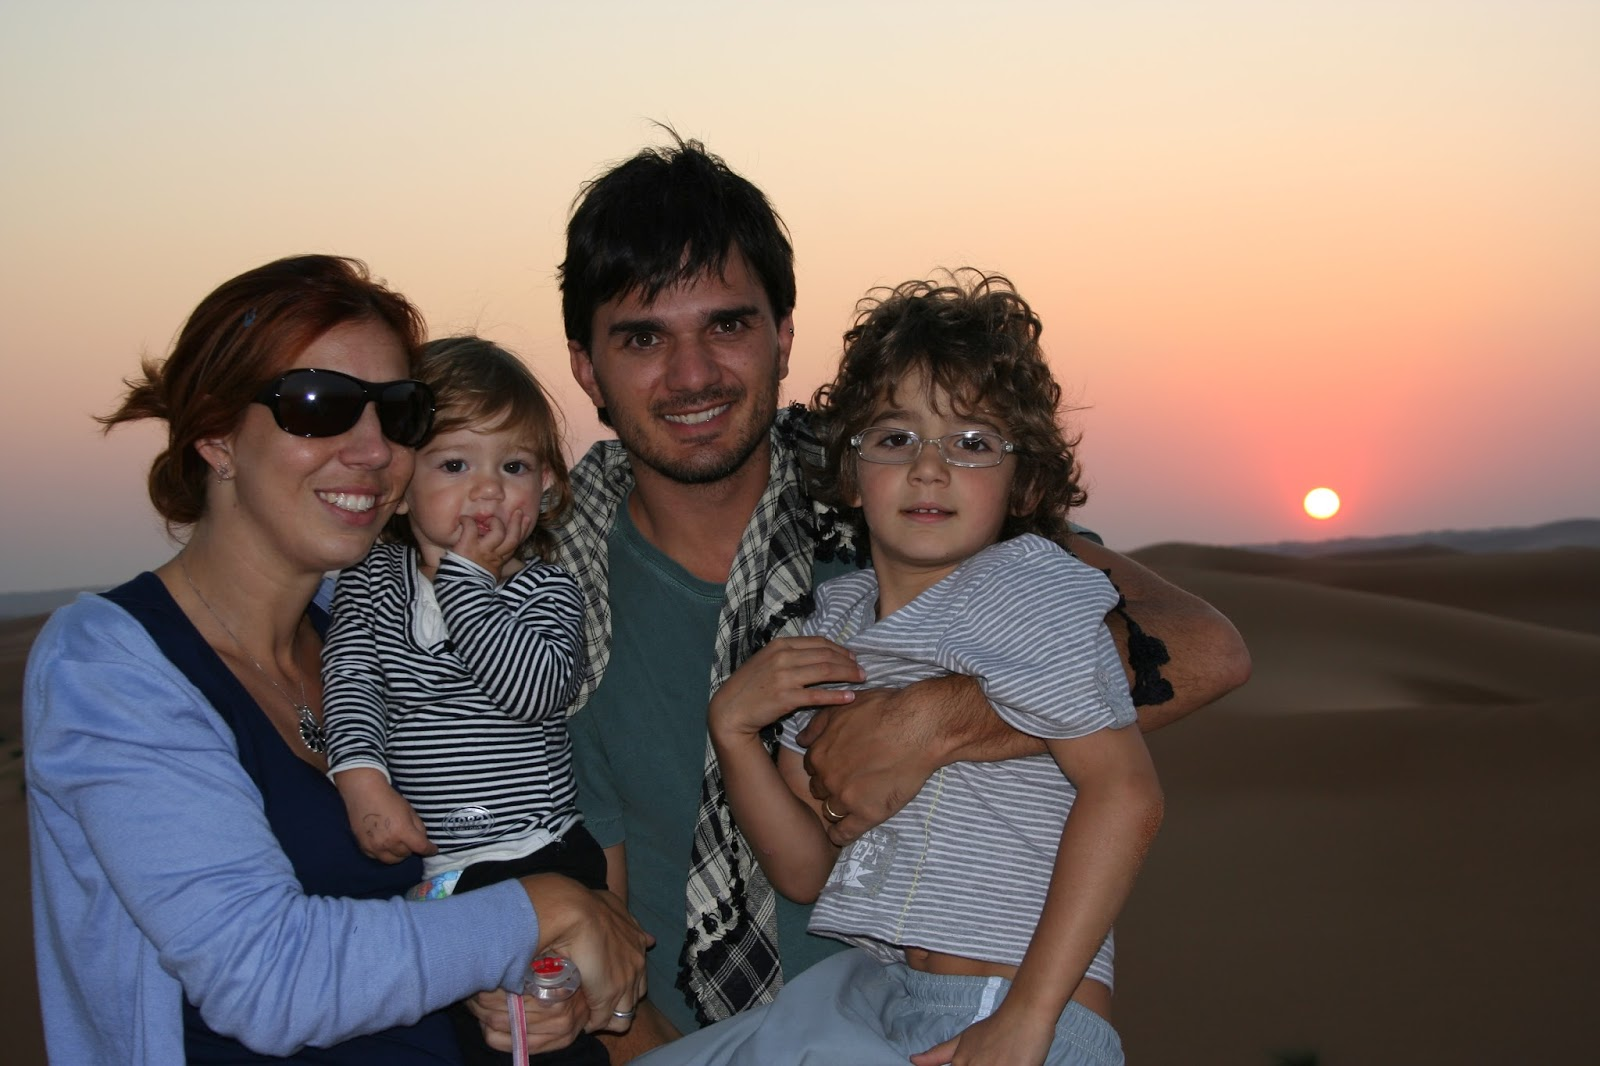 Destinos pelo mundo para levar as crianças - www.viajocomfilhos.com.br